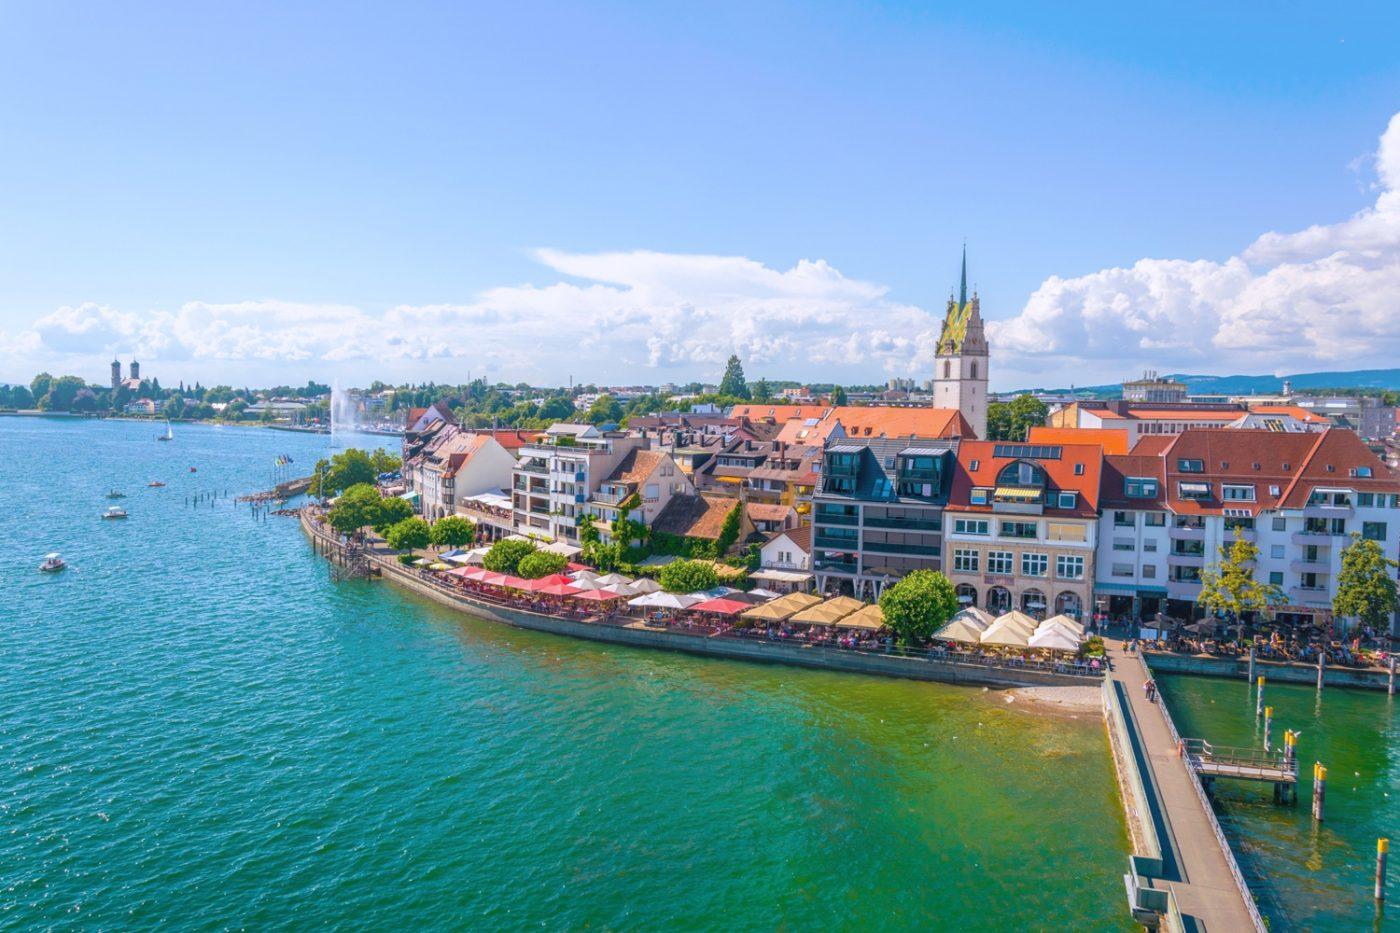 Ein Blick aus der Vogelperspektive auf eine Stadt in der Bodenseeregion